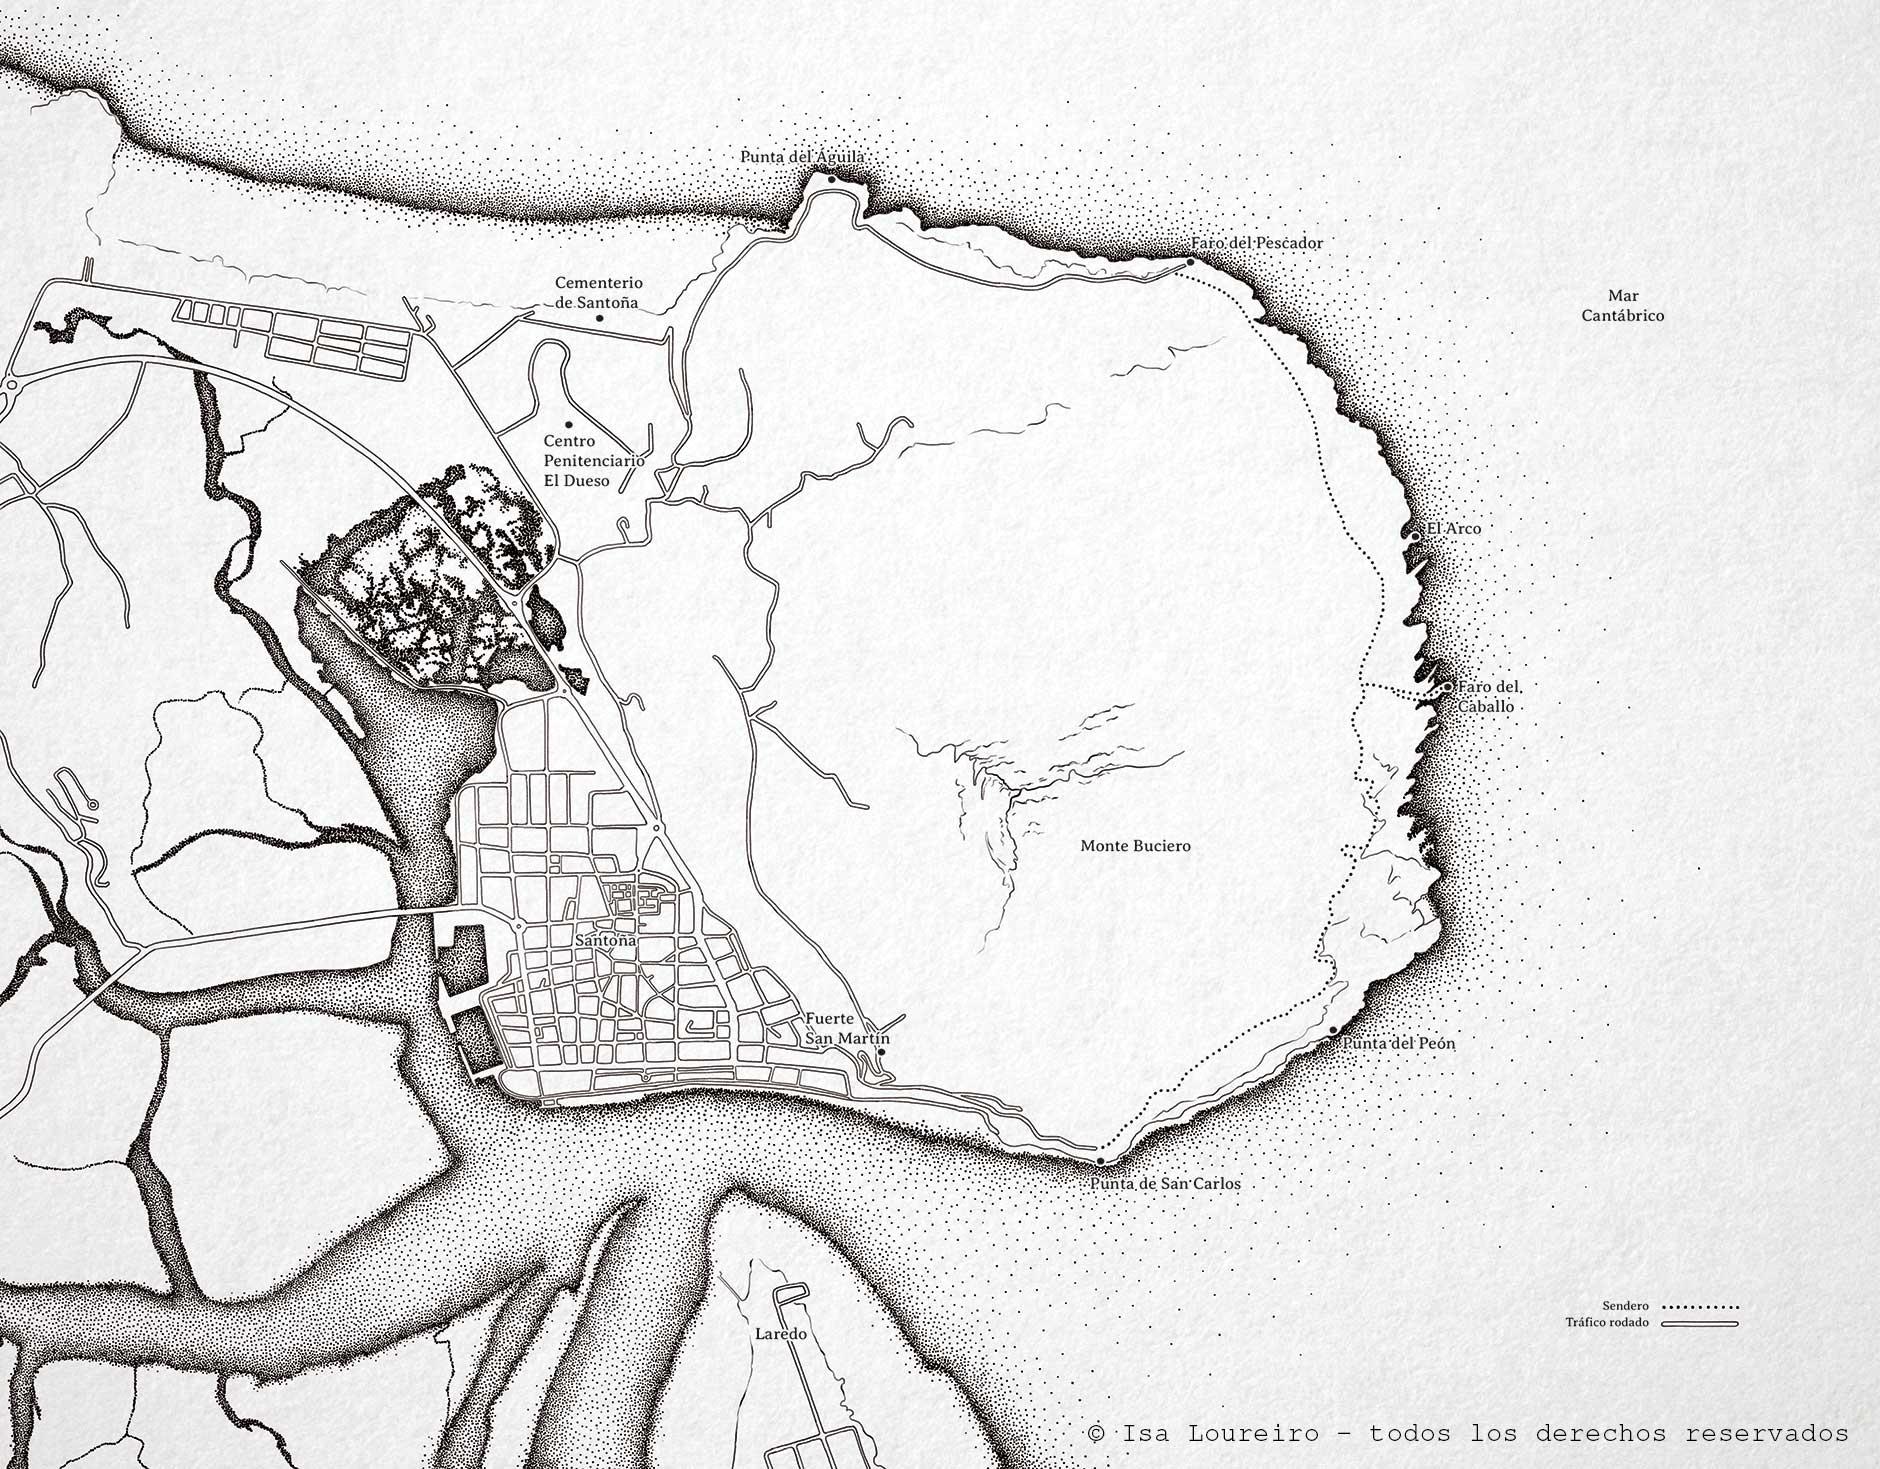 Mapa_Monte_Buciero_isaloureiro